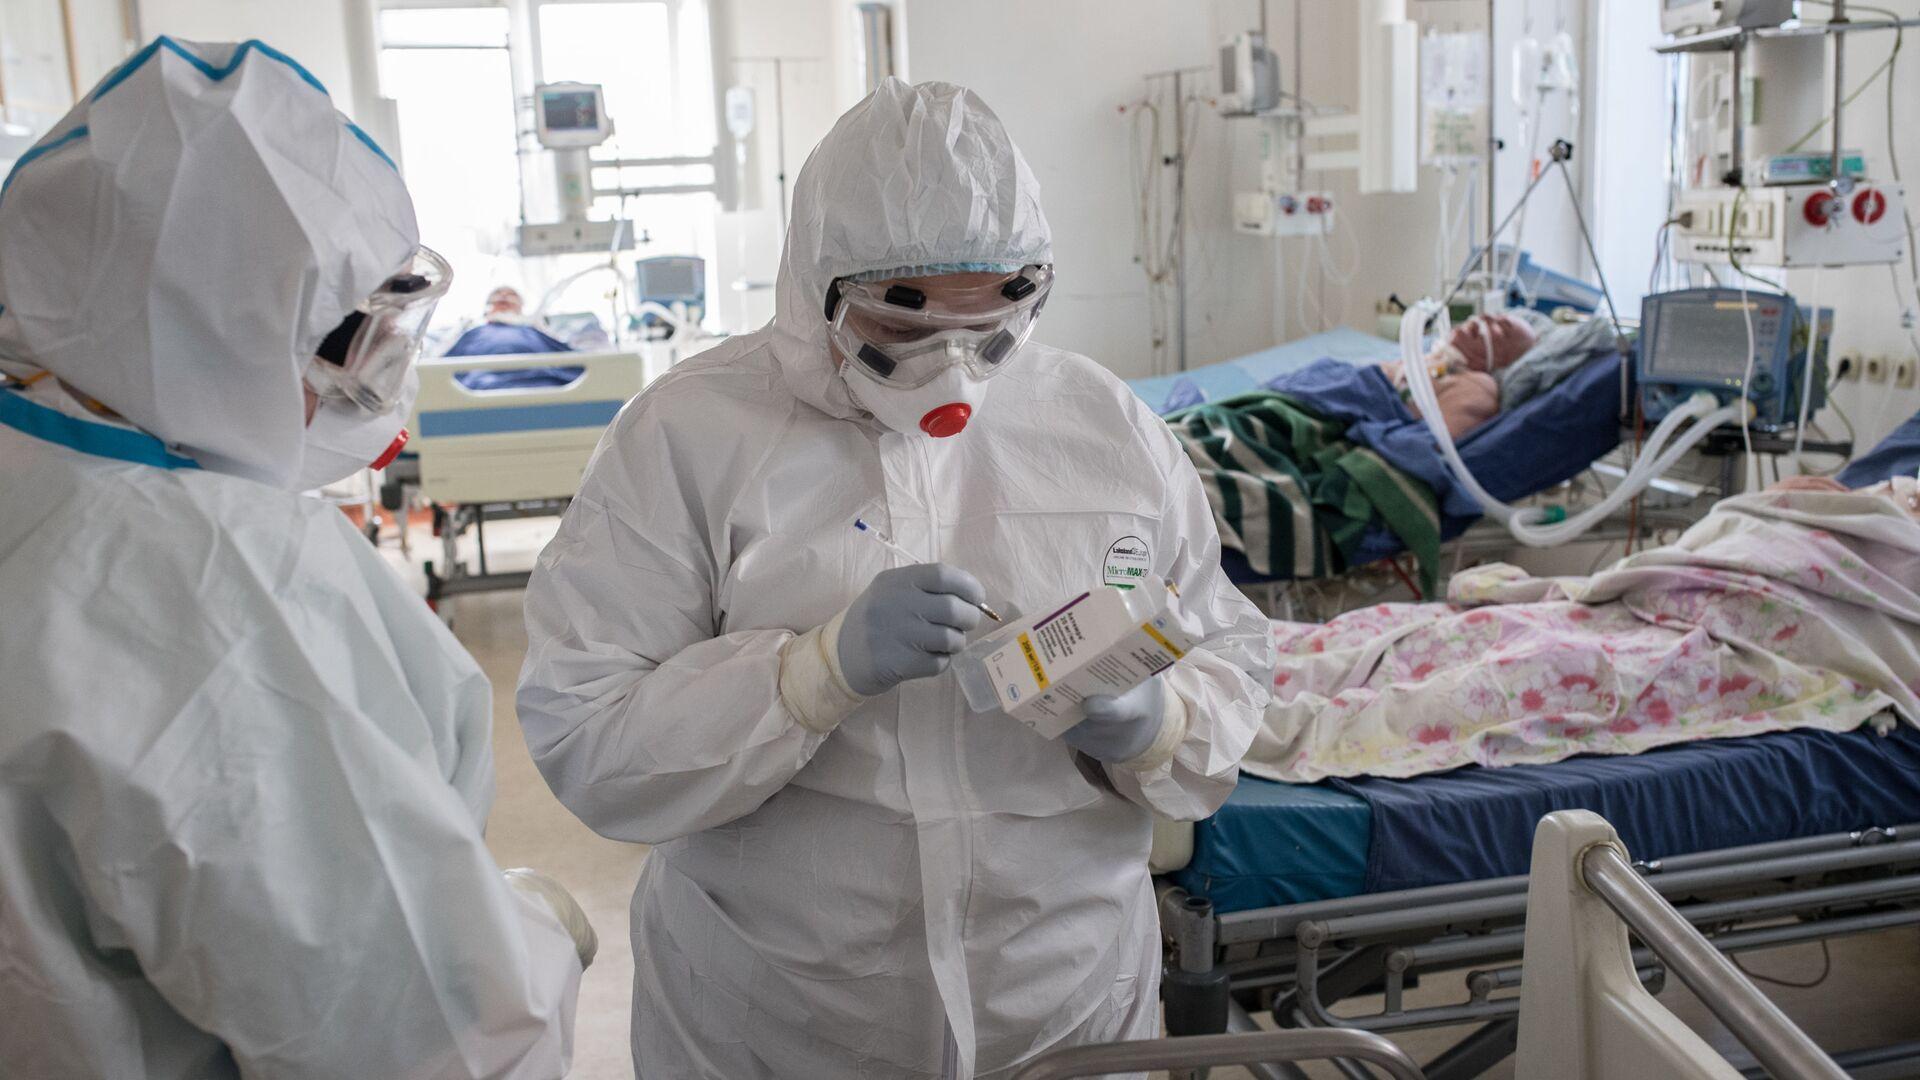 Медицинские работники в отделении реанимации для больных с коронавирусной инфекцией - Sputnik Латвия, 1920, 24.08.2021